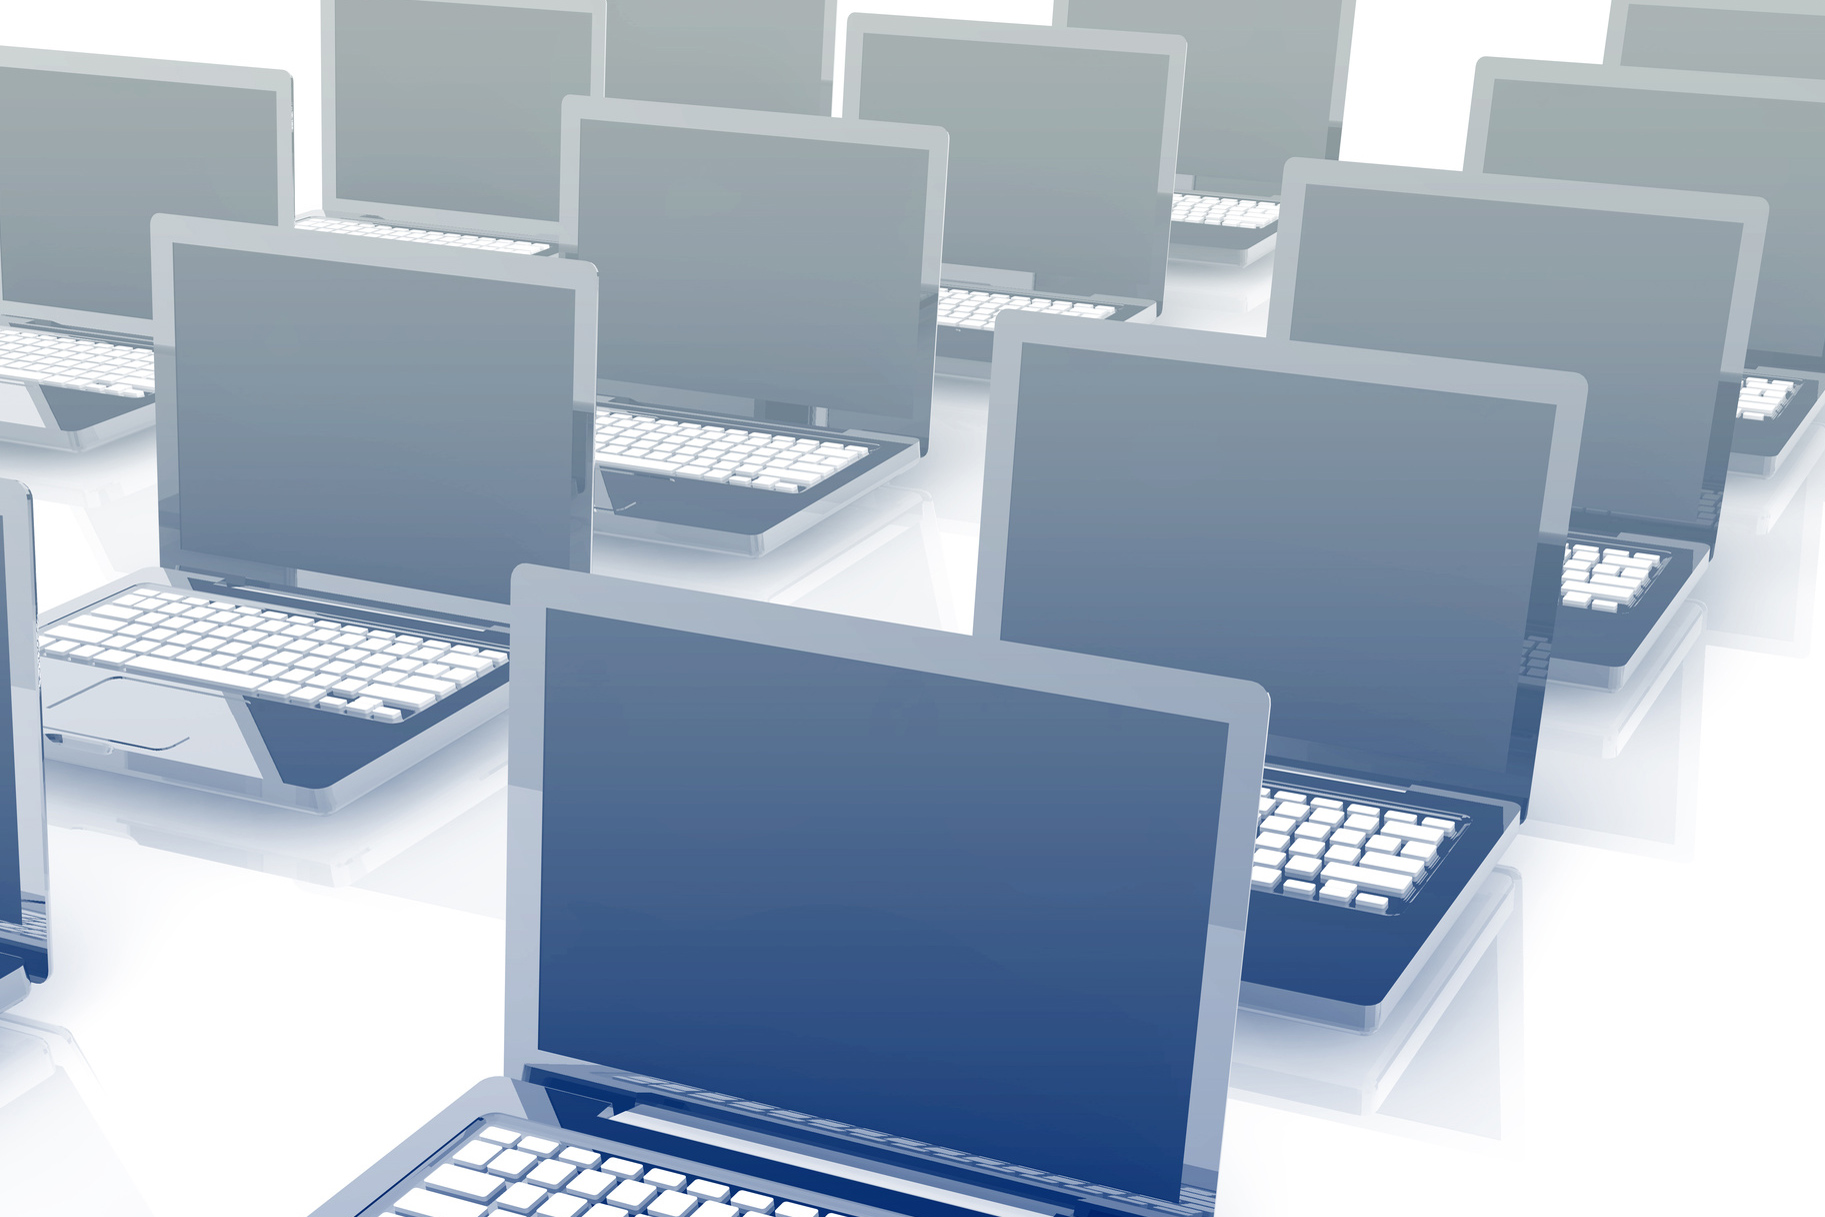 أفضل أجهزة الكمبيوتر المحمولة للأعمال التي تقل قيمتها عن 500 جنيه إسترليني 1